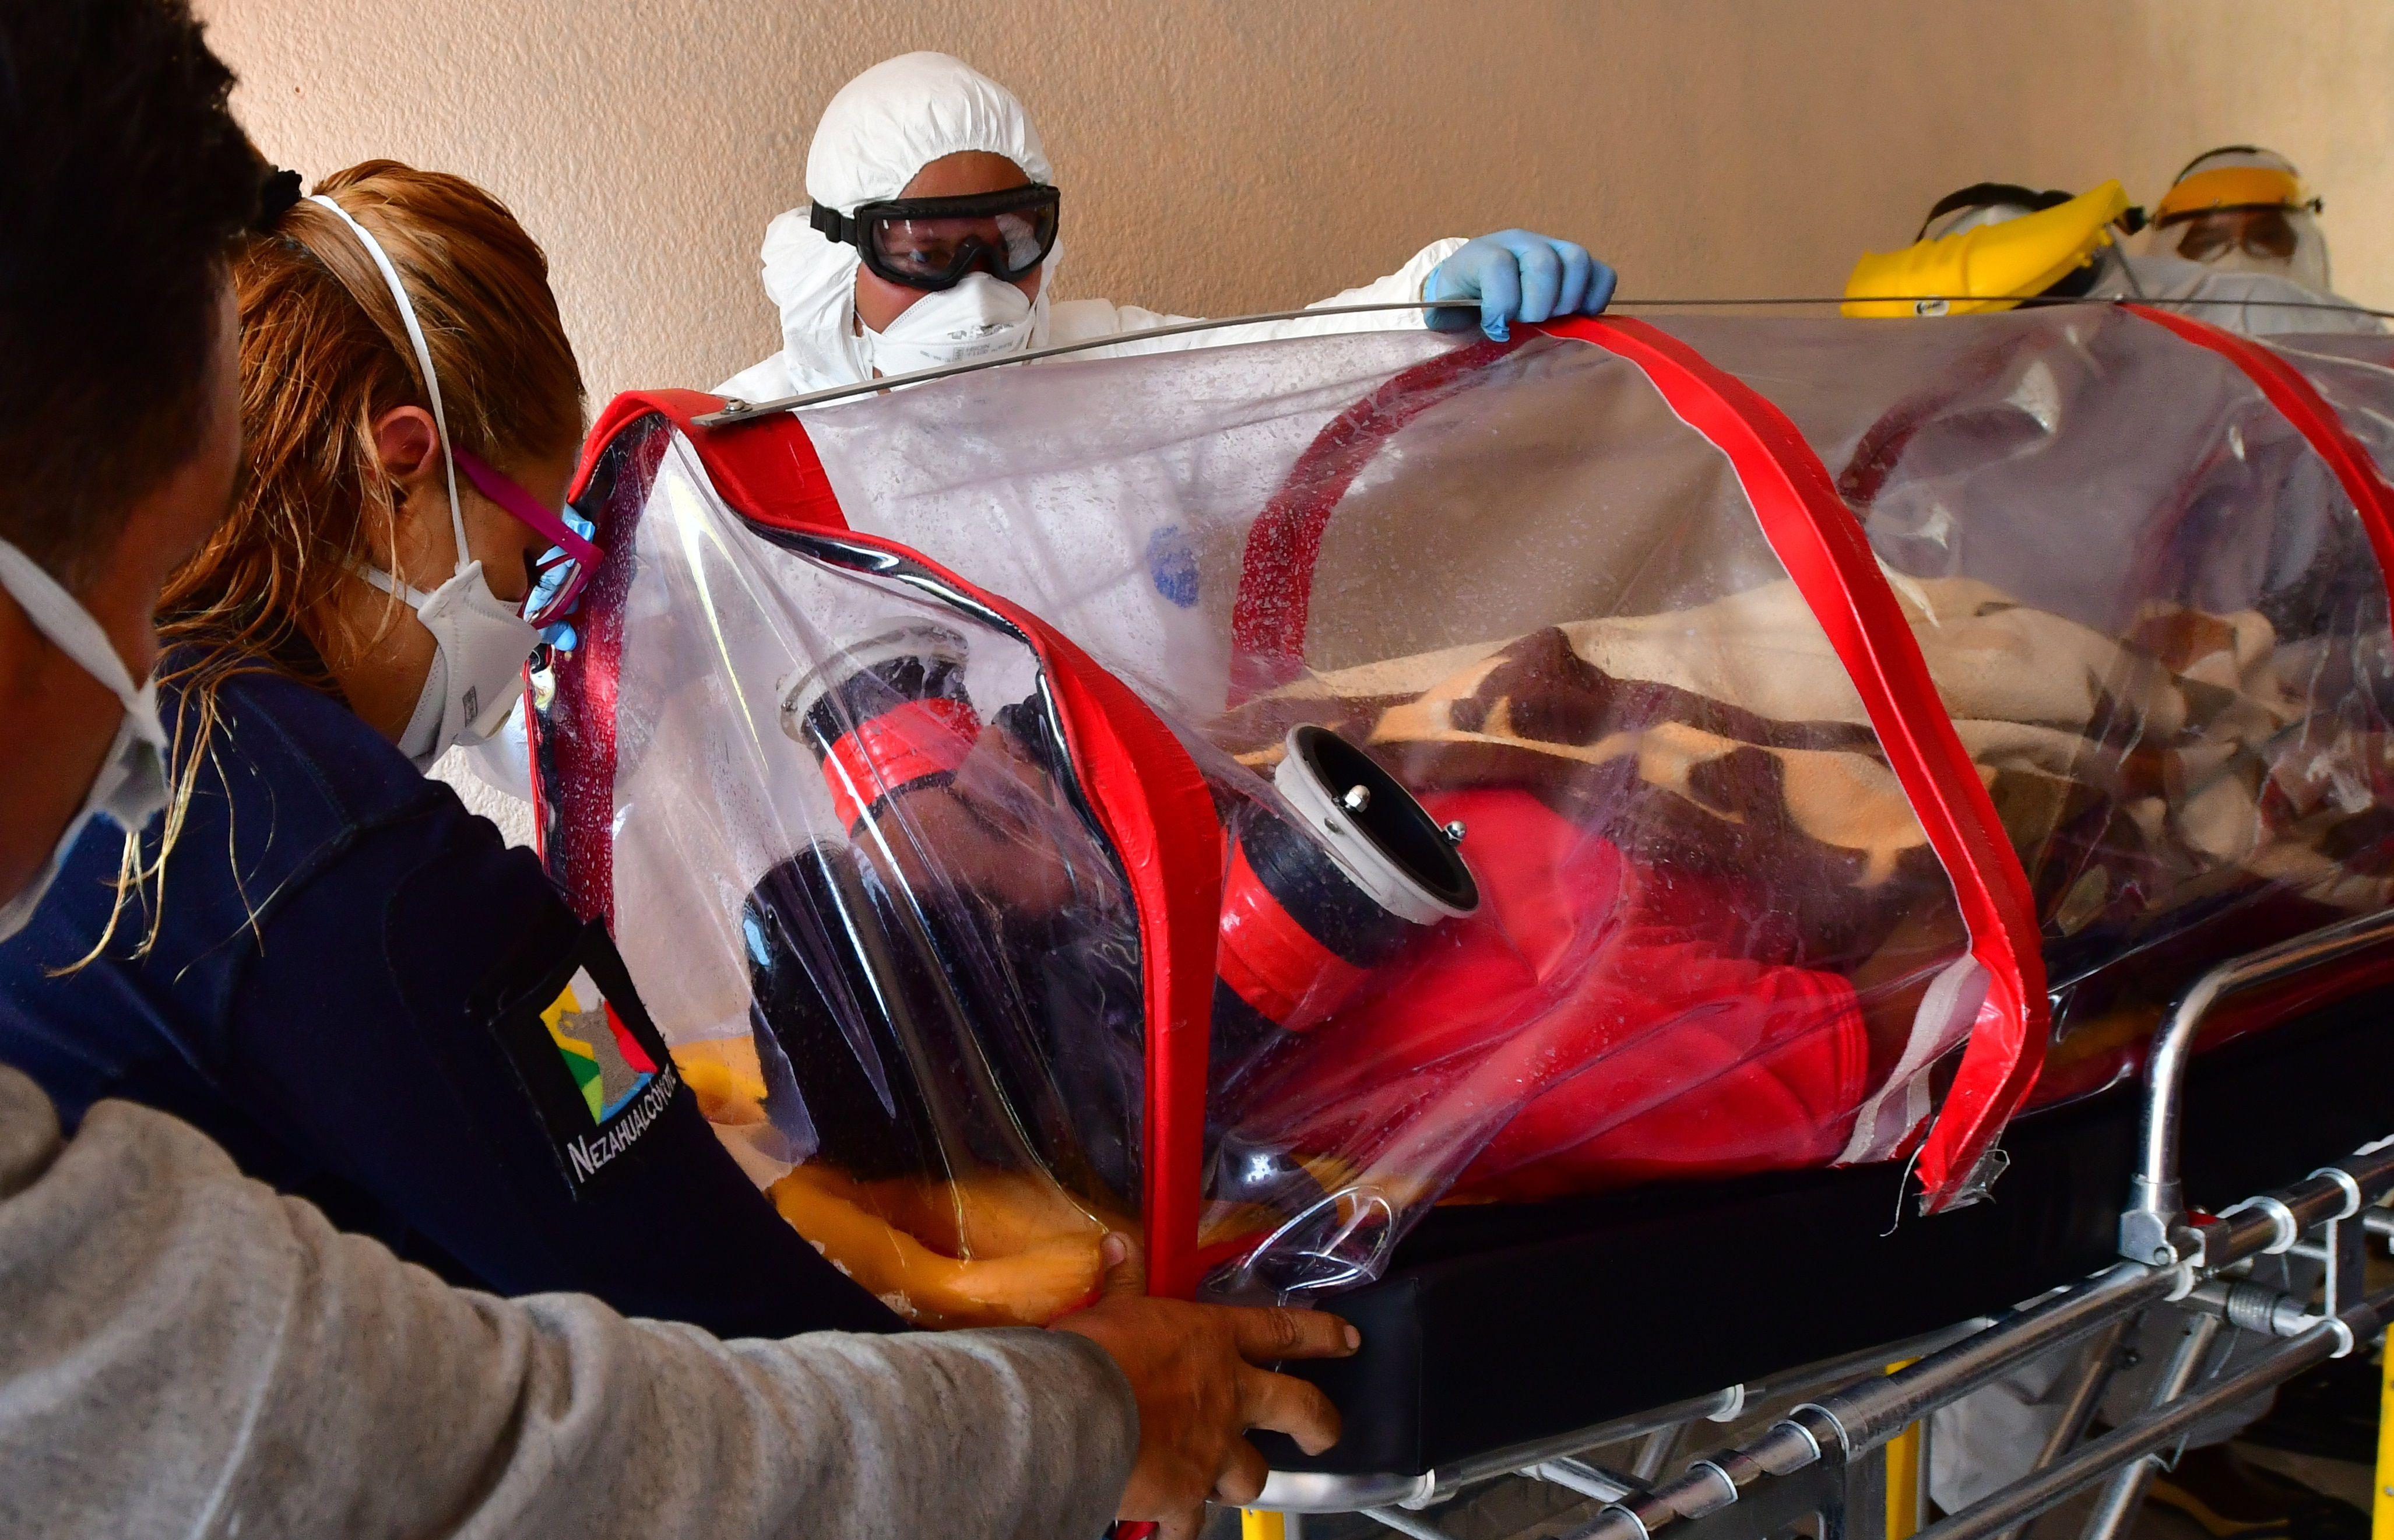 La entidad más afectada por la enfermedad de coronavirus en cuanto al número de casos positivos acumulados es la Ciudad de México (Foto: EFE)